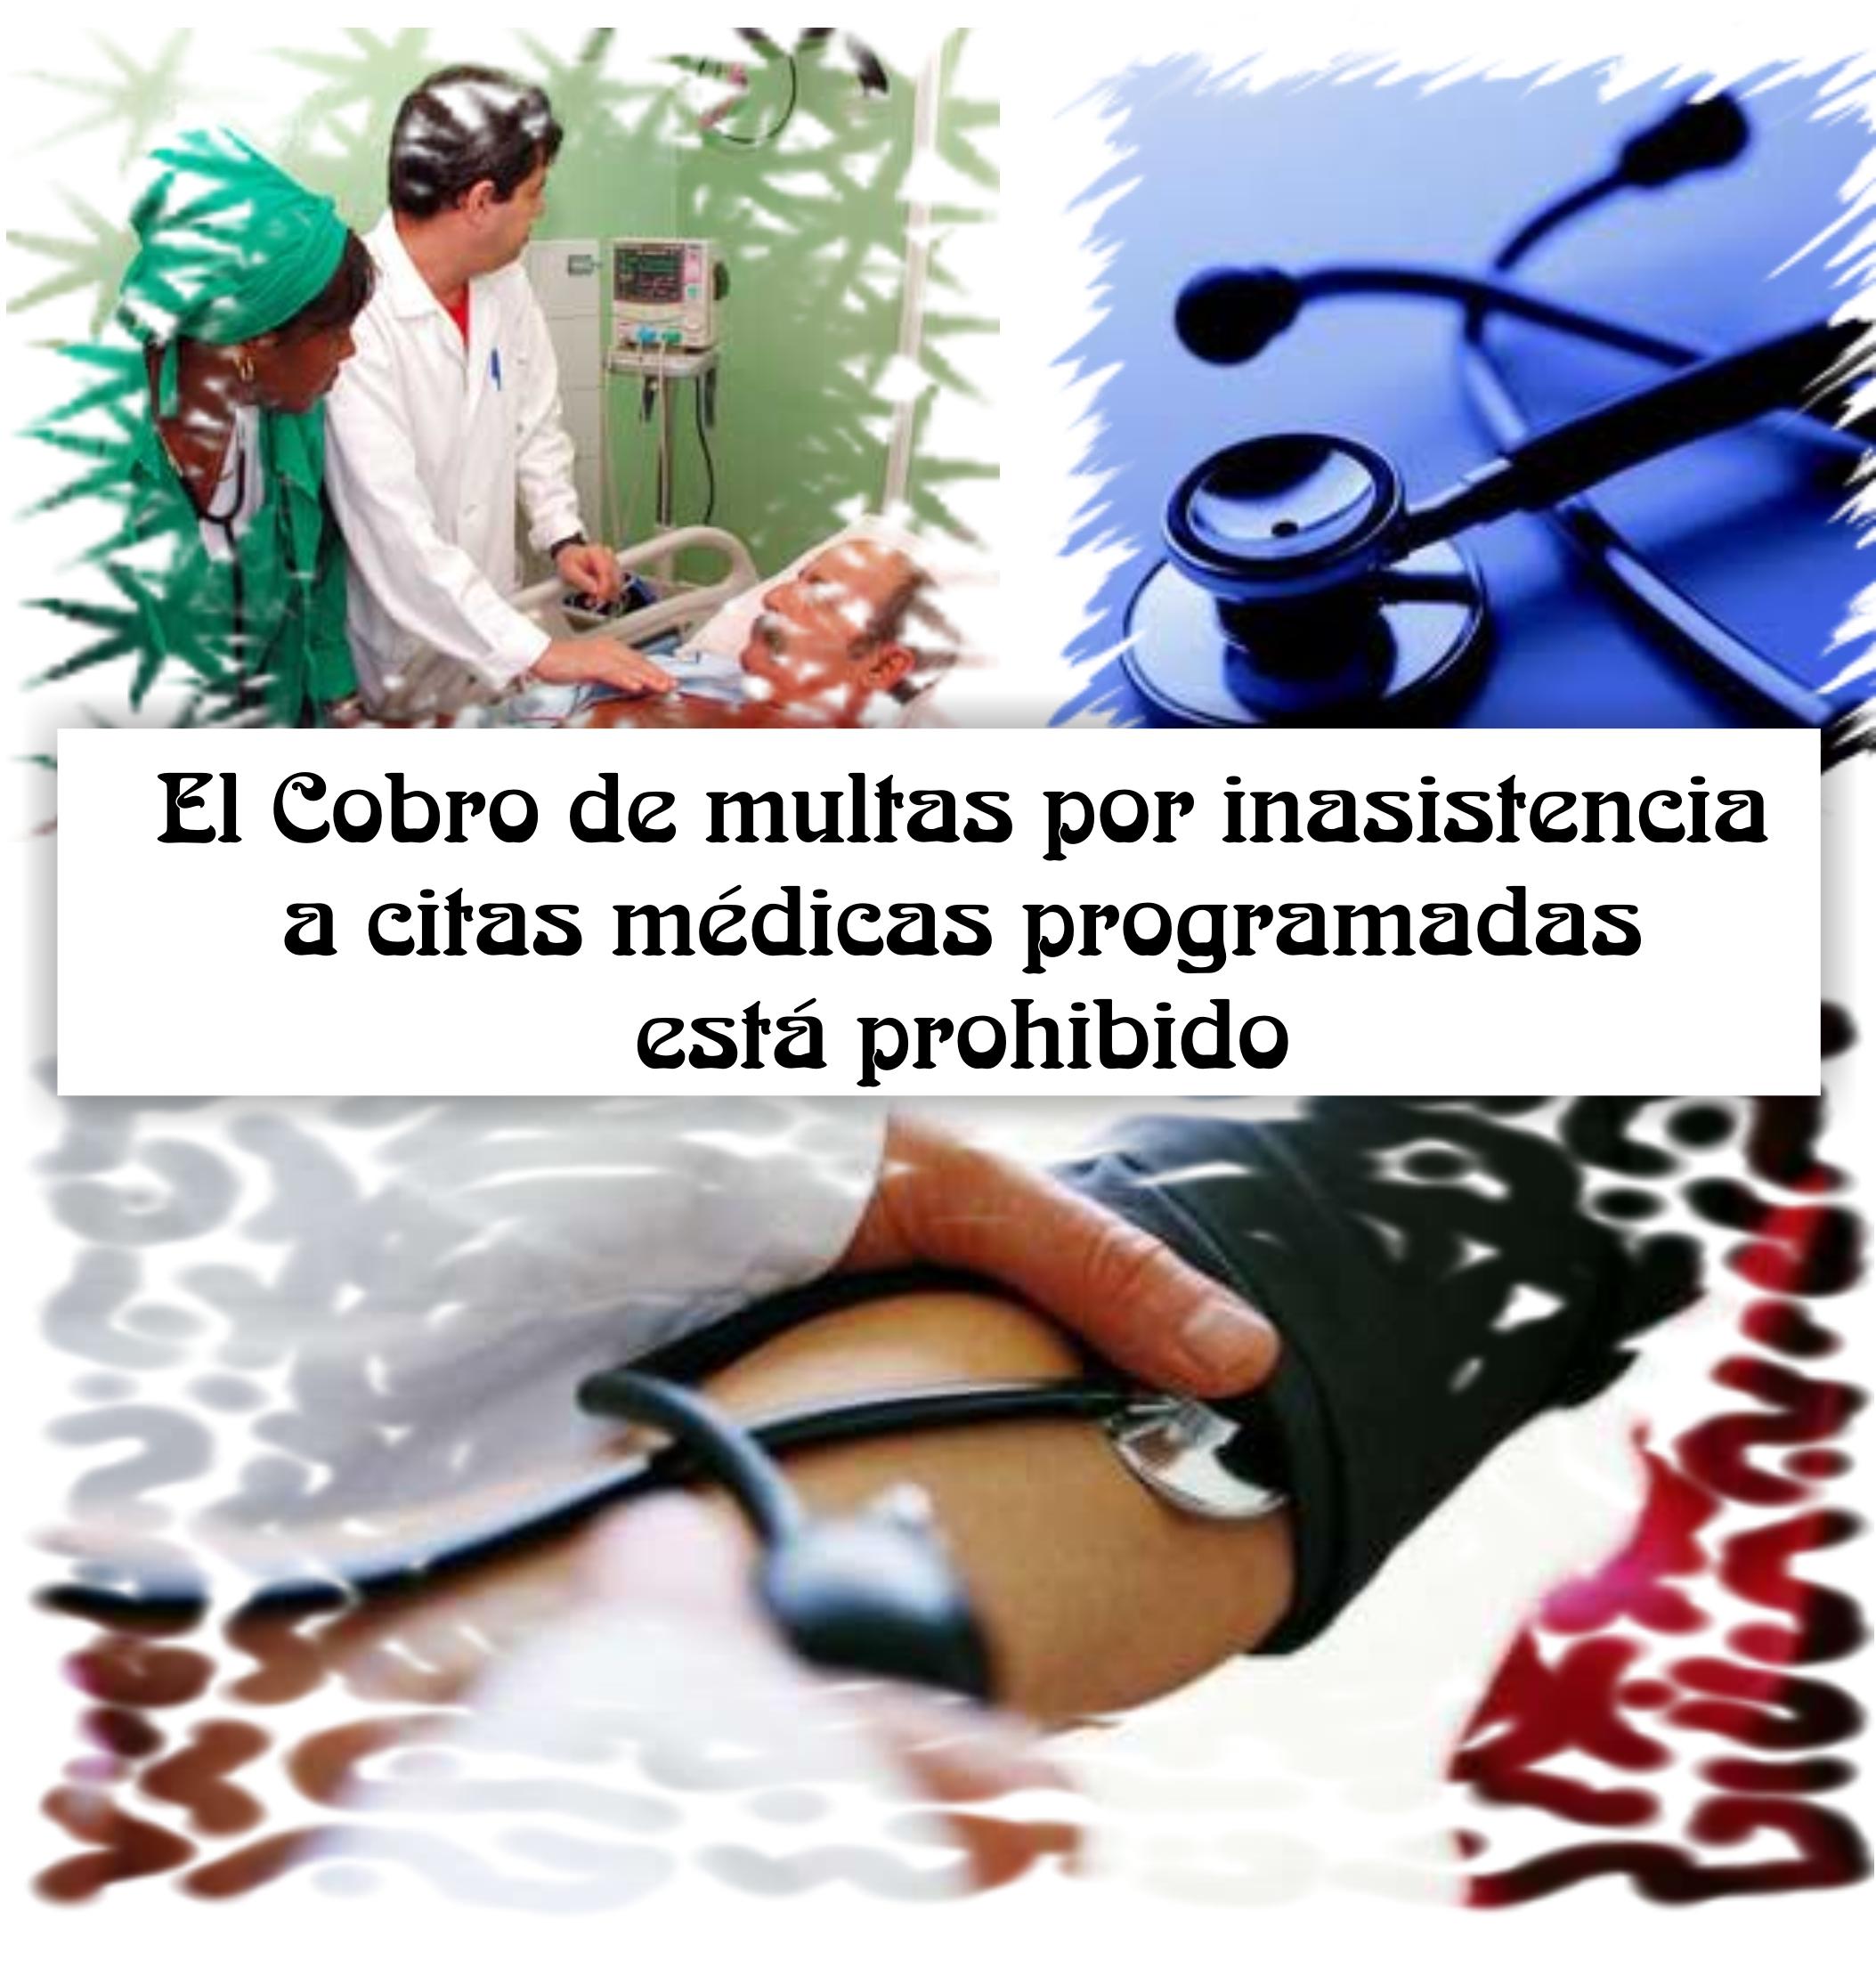 Salud: El Cobro de multas por inasistencia a citas médicas programadas está prohibido